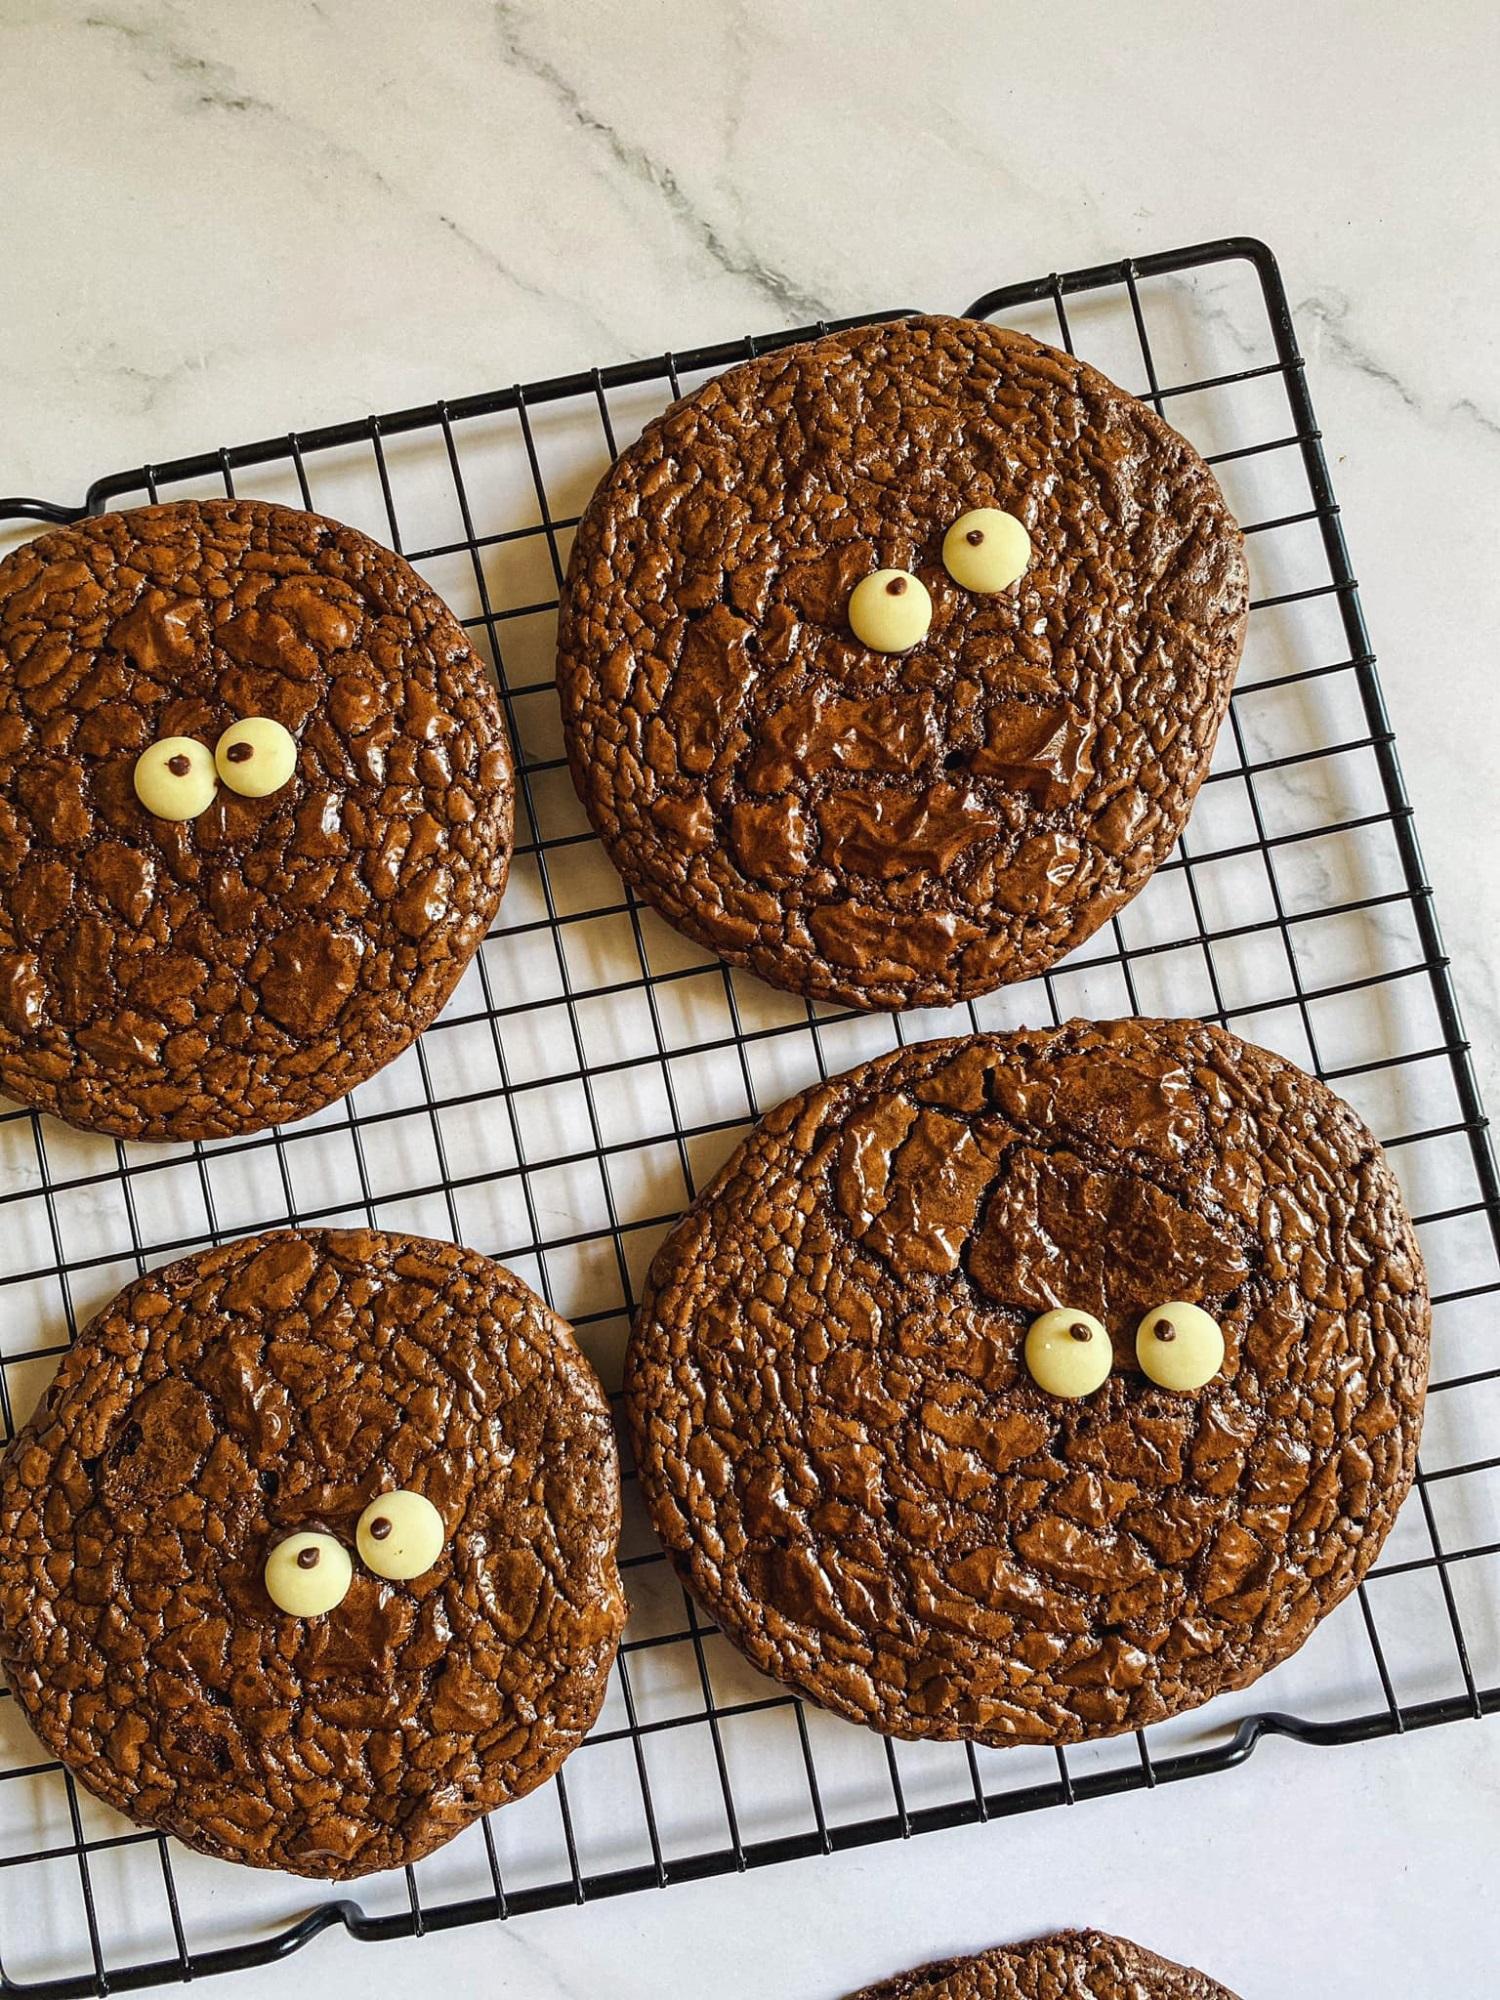 Biến cuộc sống nhàm chán ở nhà trở nên thú vị, 'ngọt lịm' với món bánh quy 'Brownie quái vật', trẻ thì thích chồng thì khen ngon - Ảnh 1